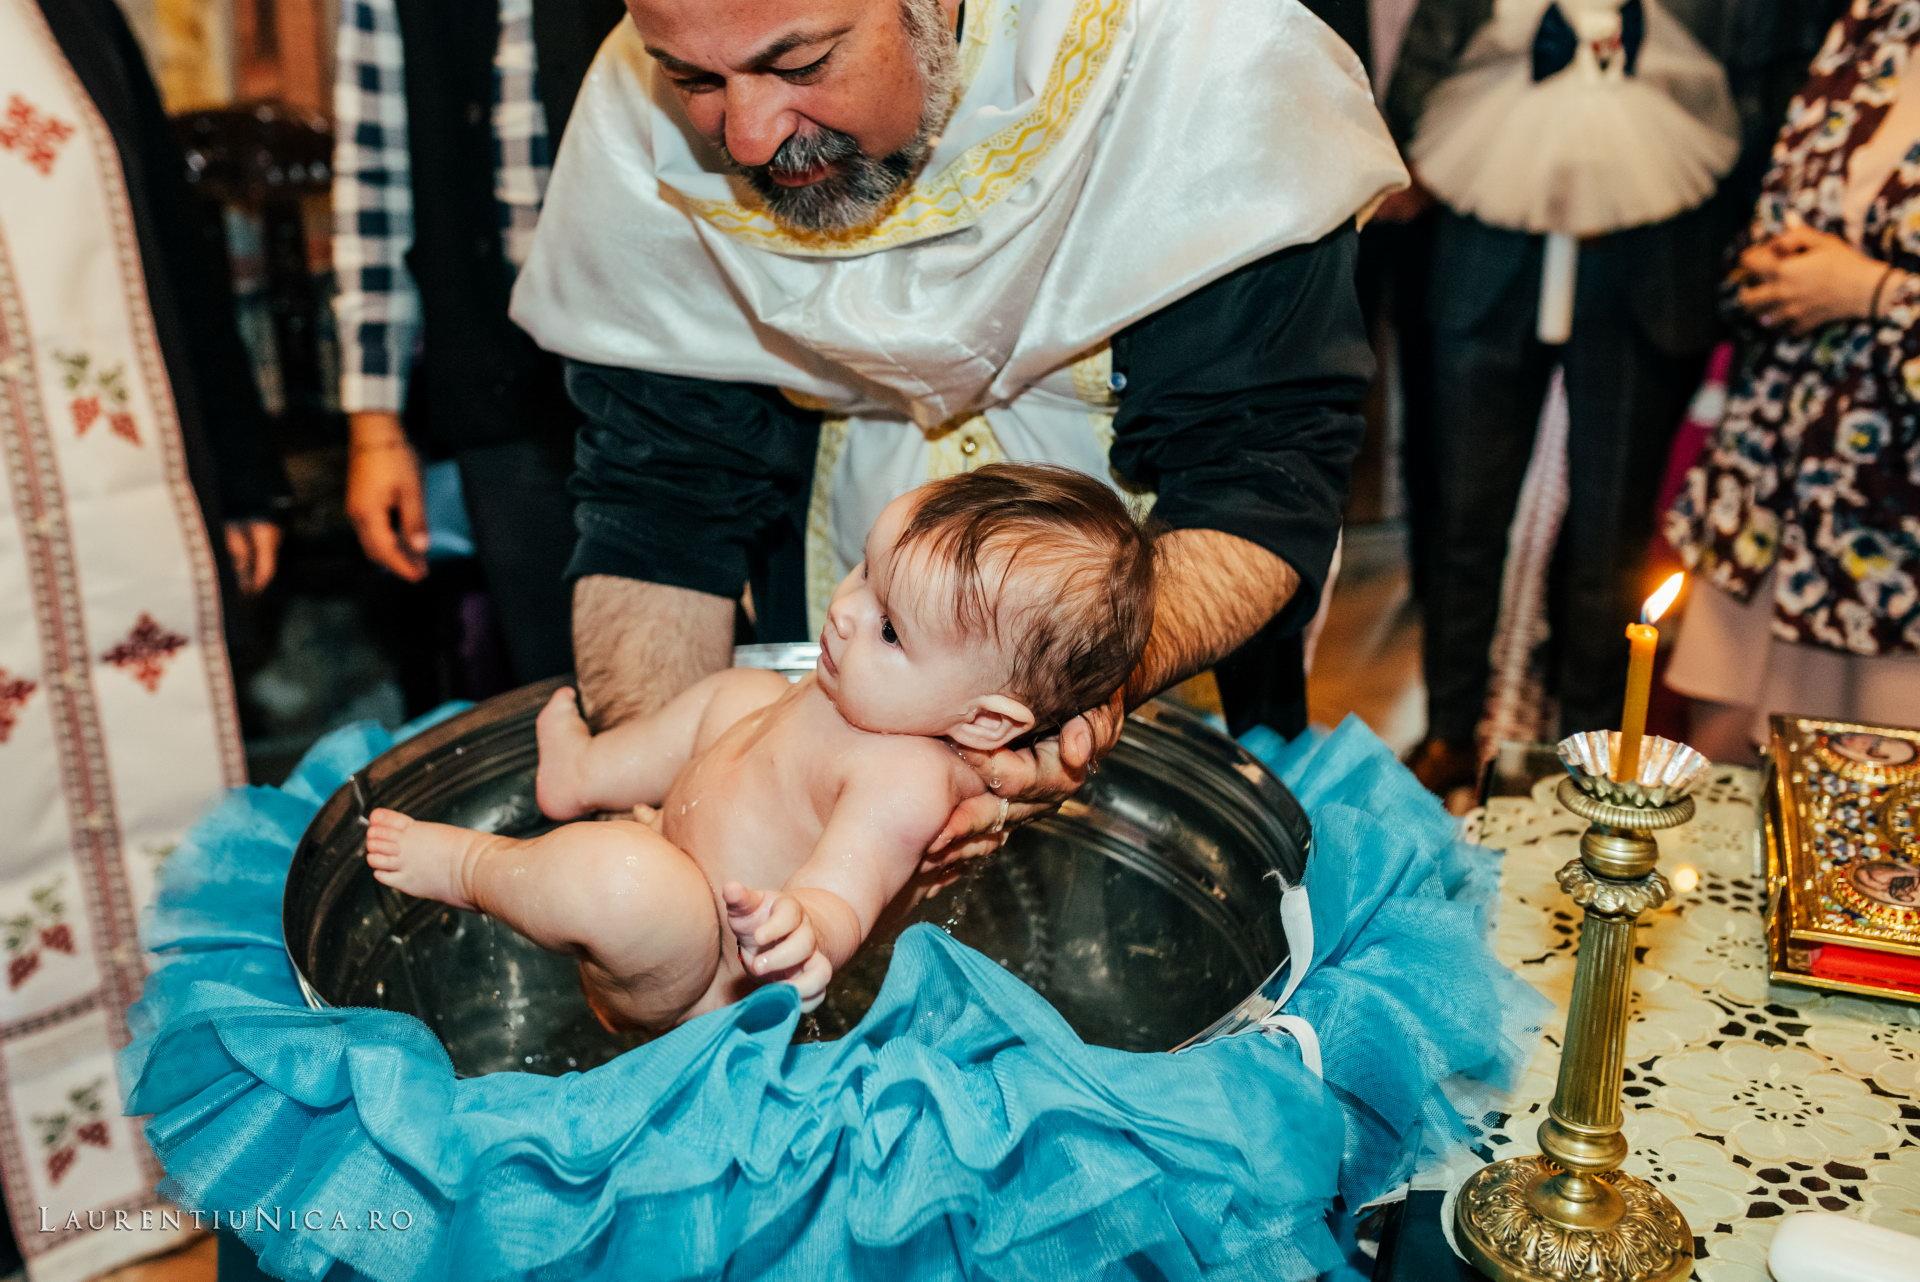 fotografii botez alexis aurelian foto laurentiu nica craiova 20 - Alexis Aurelian | Fotografii botez | Craiova